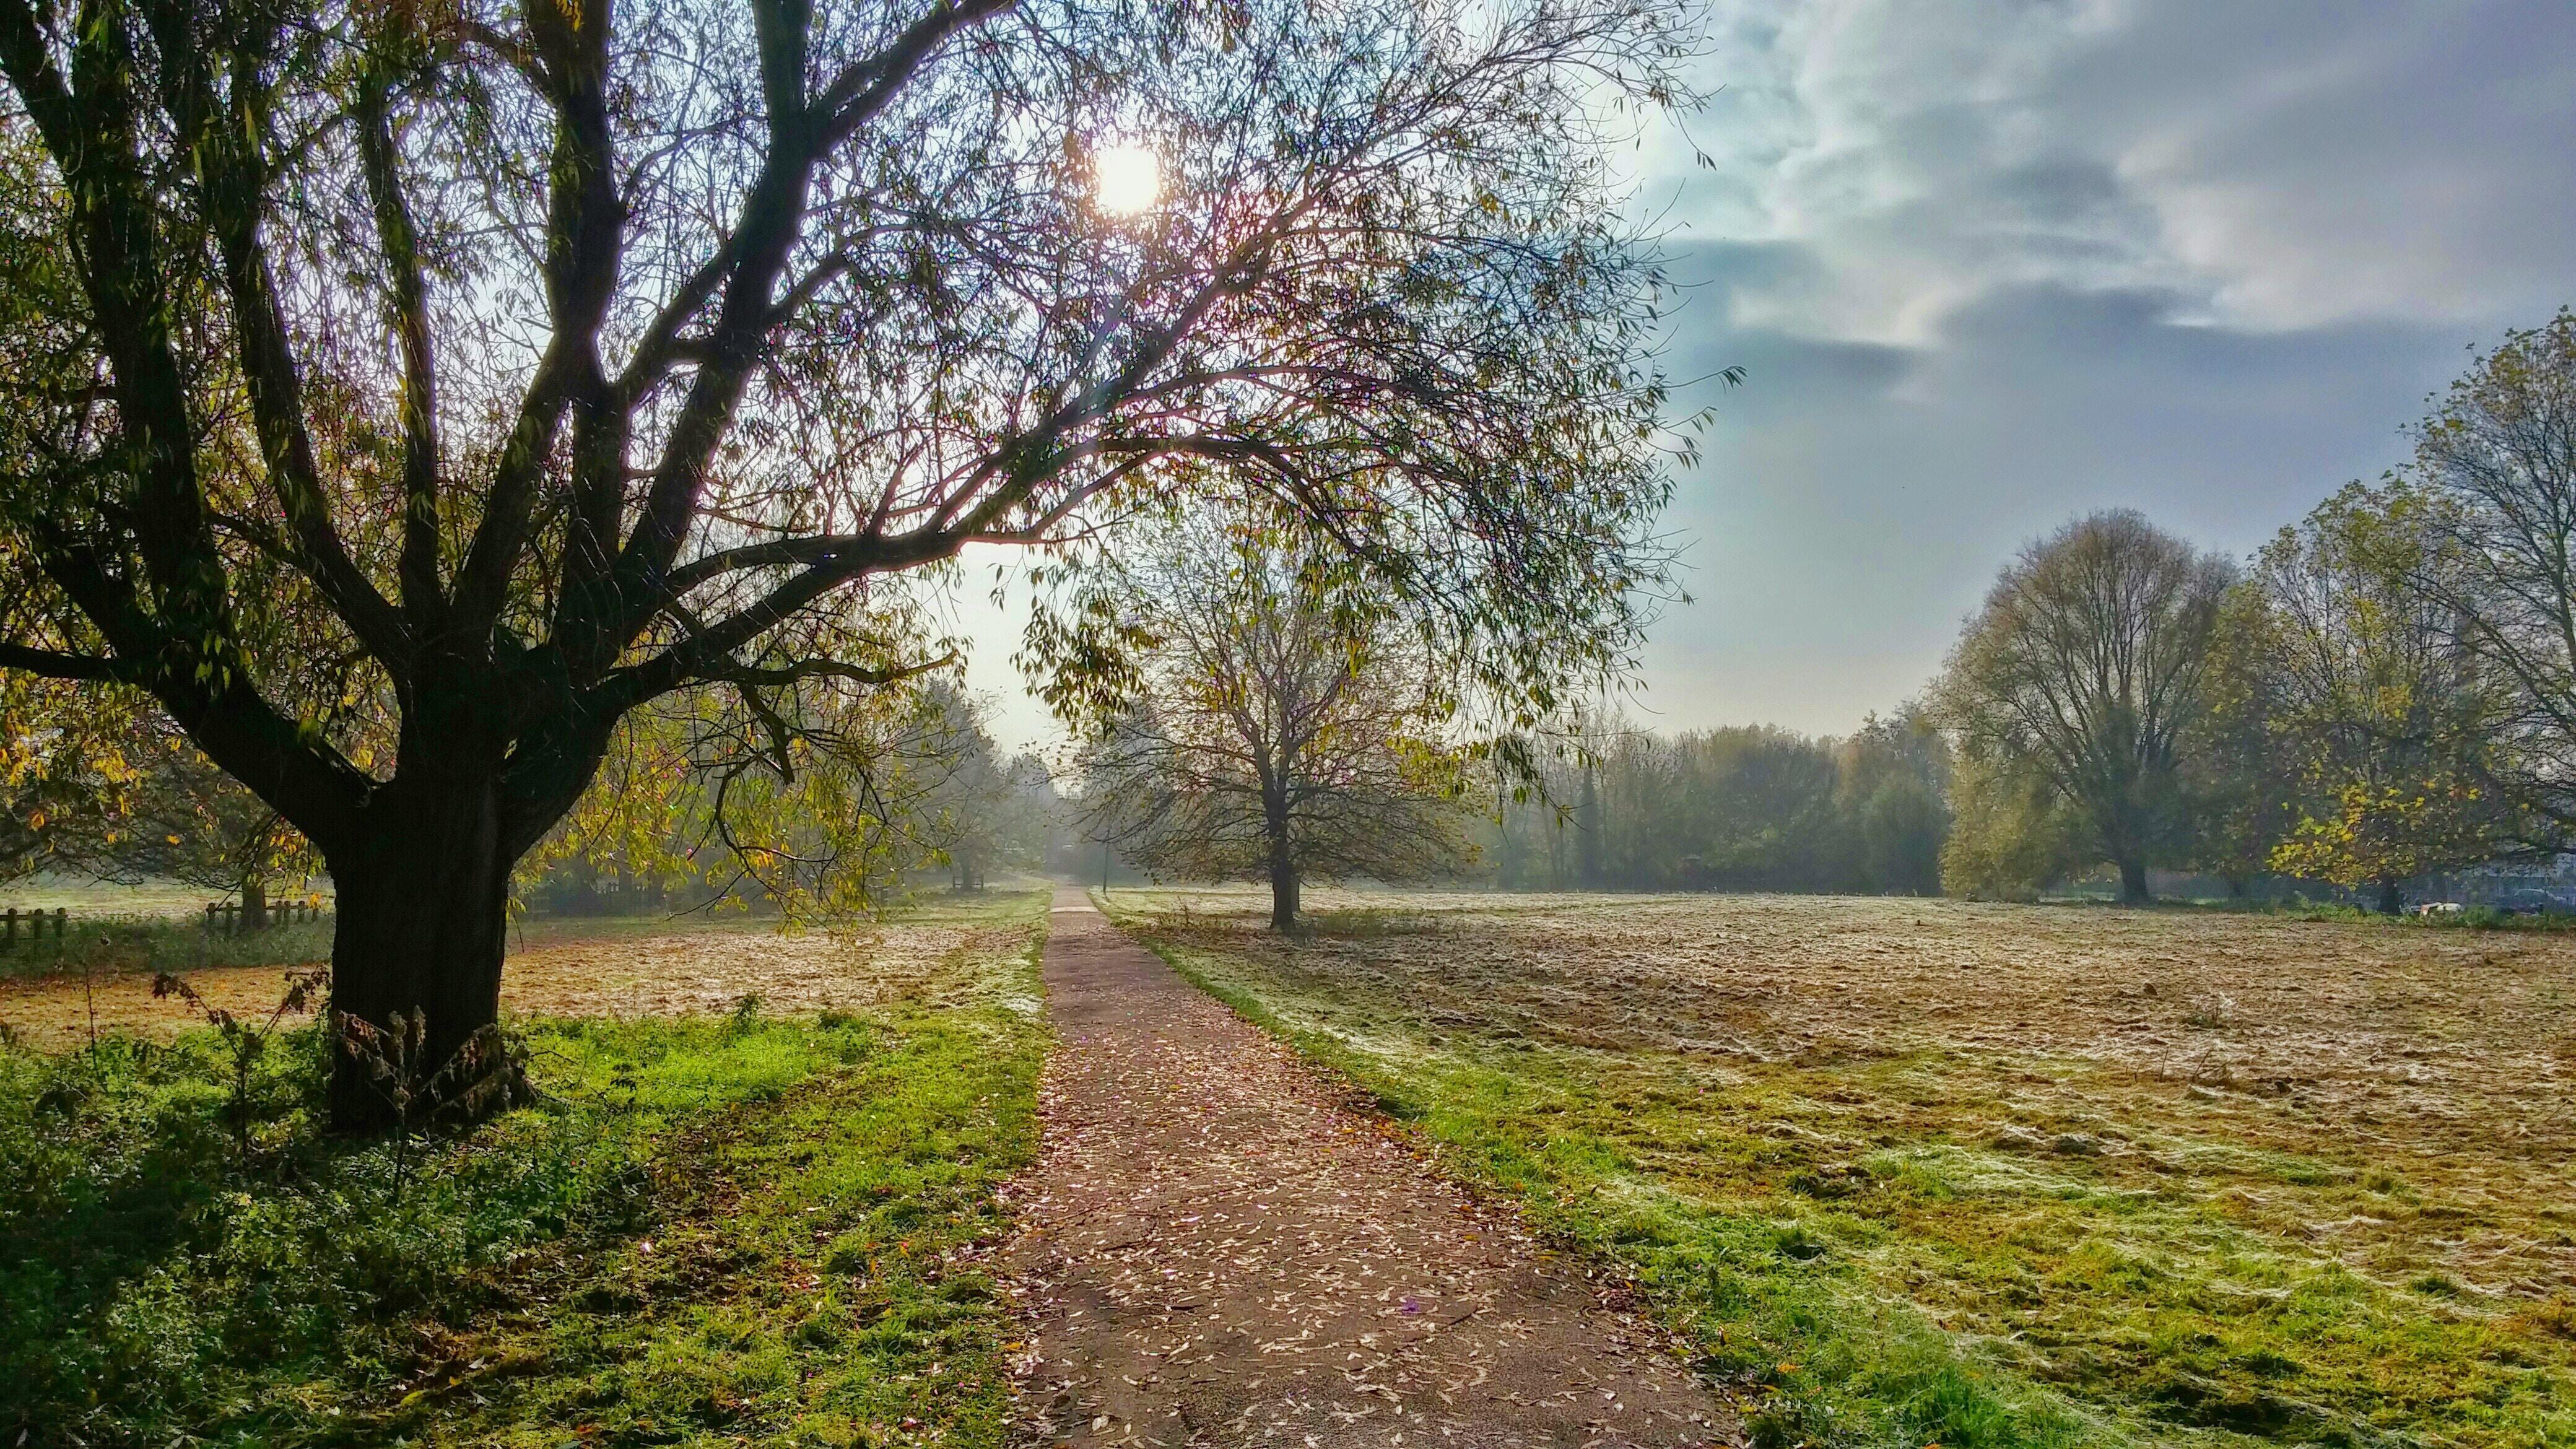 Um caminho na floresta ao encontro de Jesus